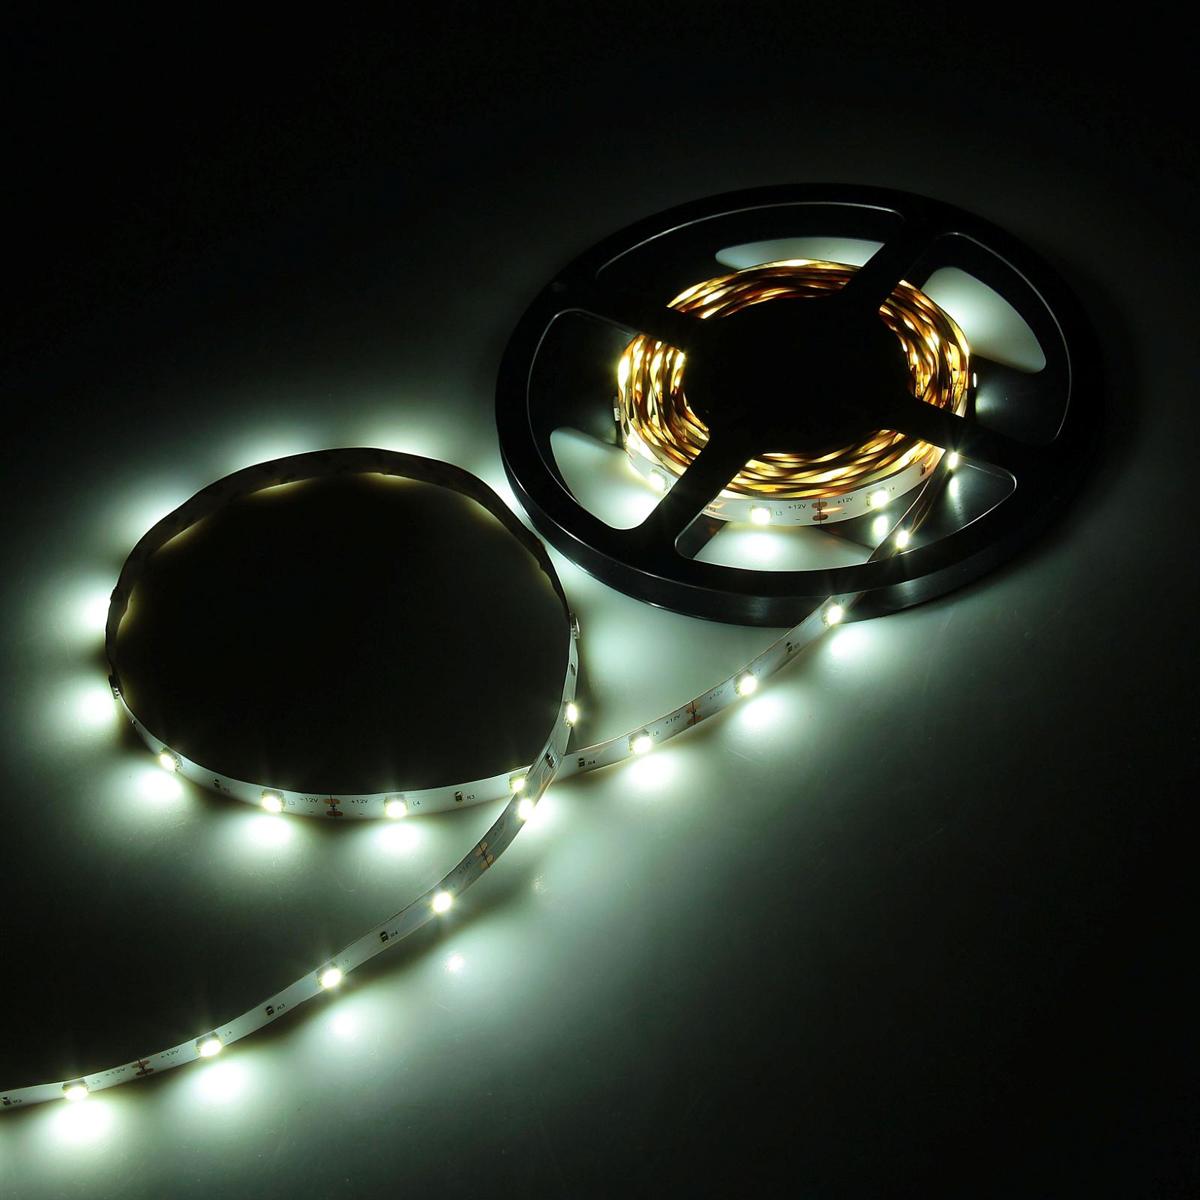 Светодиодная лента Luazon, 12В, SMD5050, длина 5 м, IP33, 30 LED ламп, 7.2 Вт/м, 14-16 Лм/1 LED, DC, цвет: белый883919Светодиодные гирлянды, ленты и т.д — это отличный вариант для новогоднего оформления интерьера или фасада. С их помощью помещение любого размера можно превратить в праздничный зал, а внешние элементы зданий, украшенные ими, мгновенно станут напоминать очертания сказочного дворца. Такие украшения создают ауру предвкушения чуда. Деревья, фасады, витрины, окна и арки будто специально созданы, чтобы вы украсили их светящимися нитями.